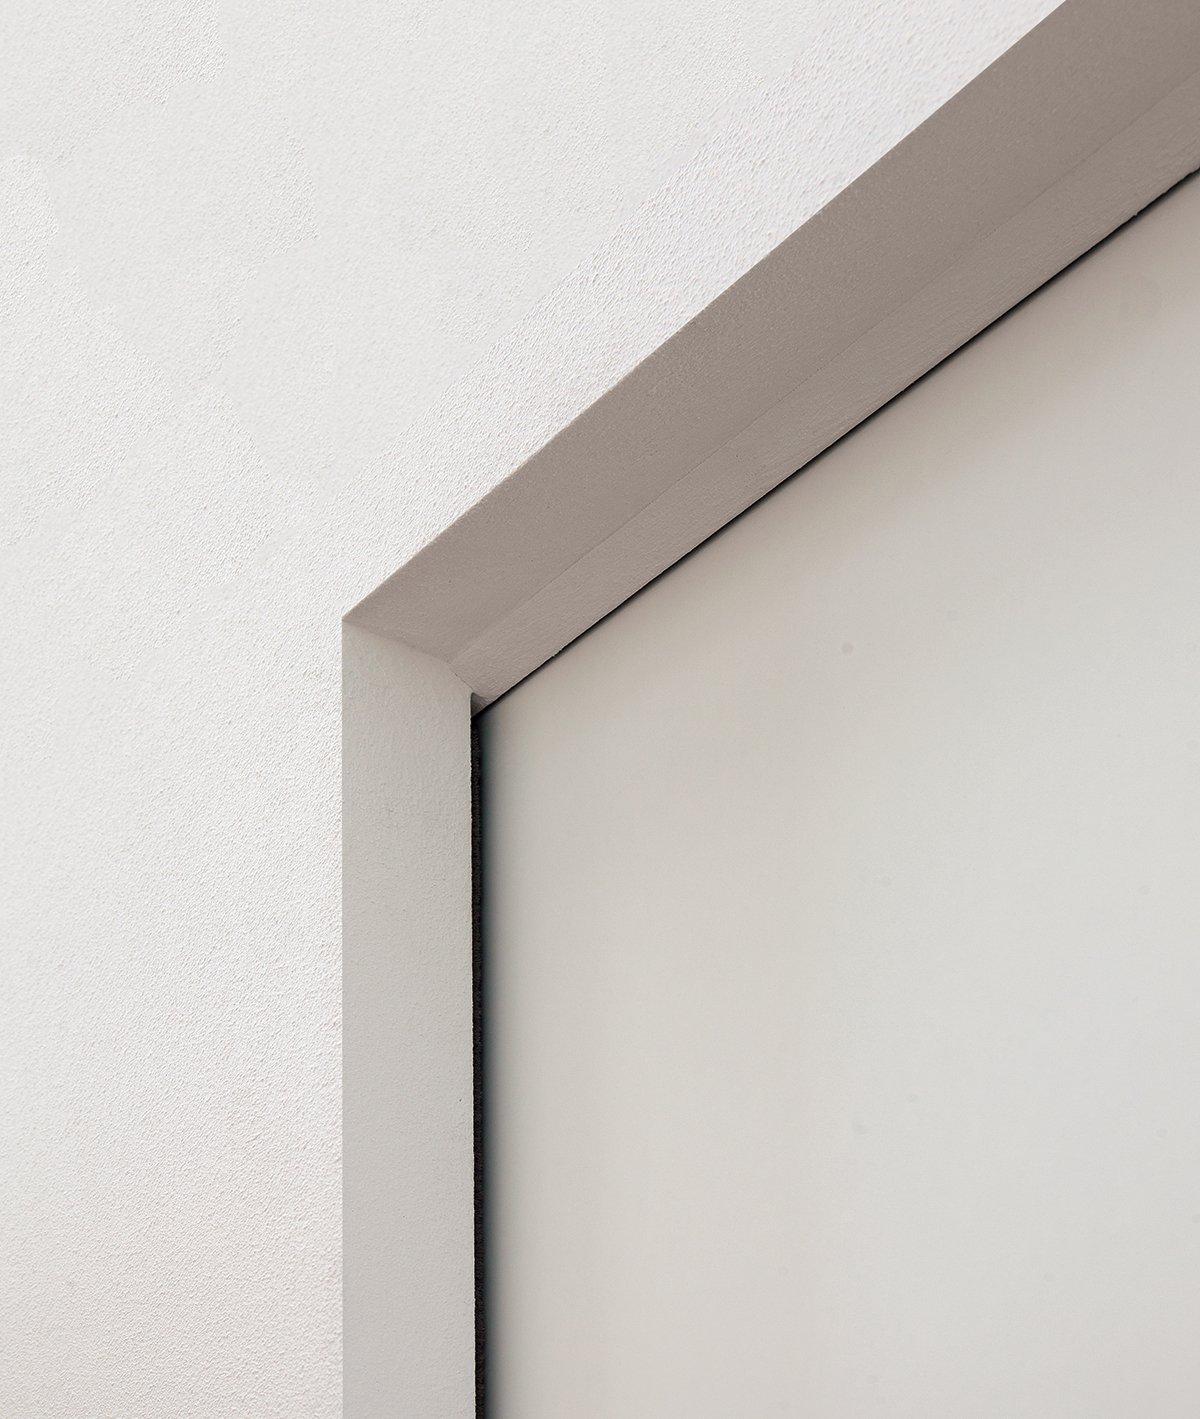 Guida alla scelta della porta 3 tipi a confronto cose - Tipi di porta ...